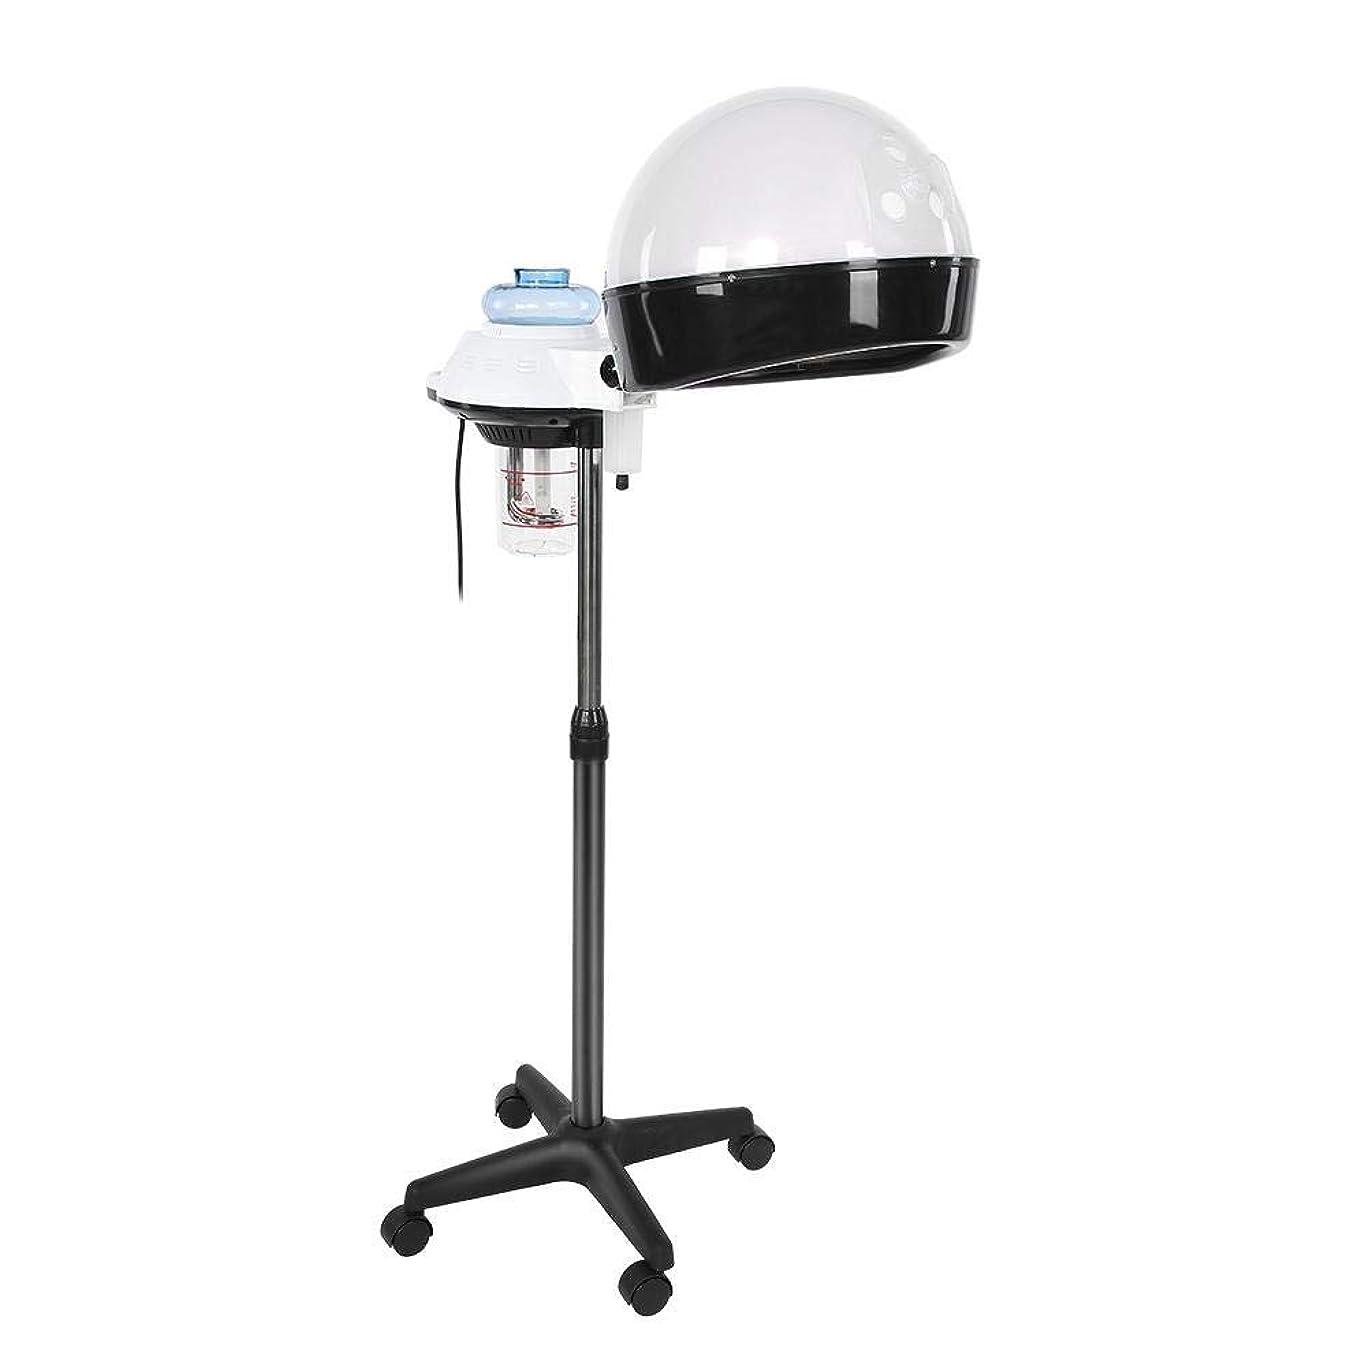 月明日マトリックスヘア 加湿器 パーソナルケア用のデザイン ホットミストオゾンヘアセラピー美容機器 個人用家庭用 (US)